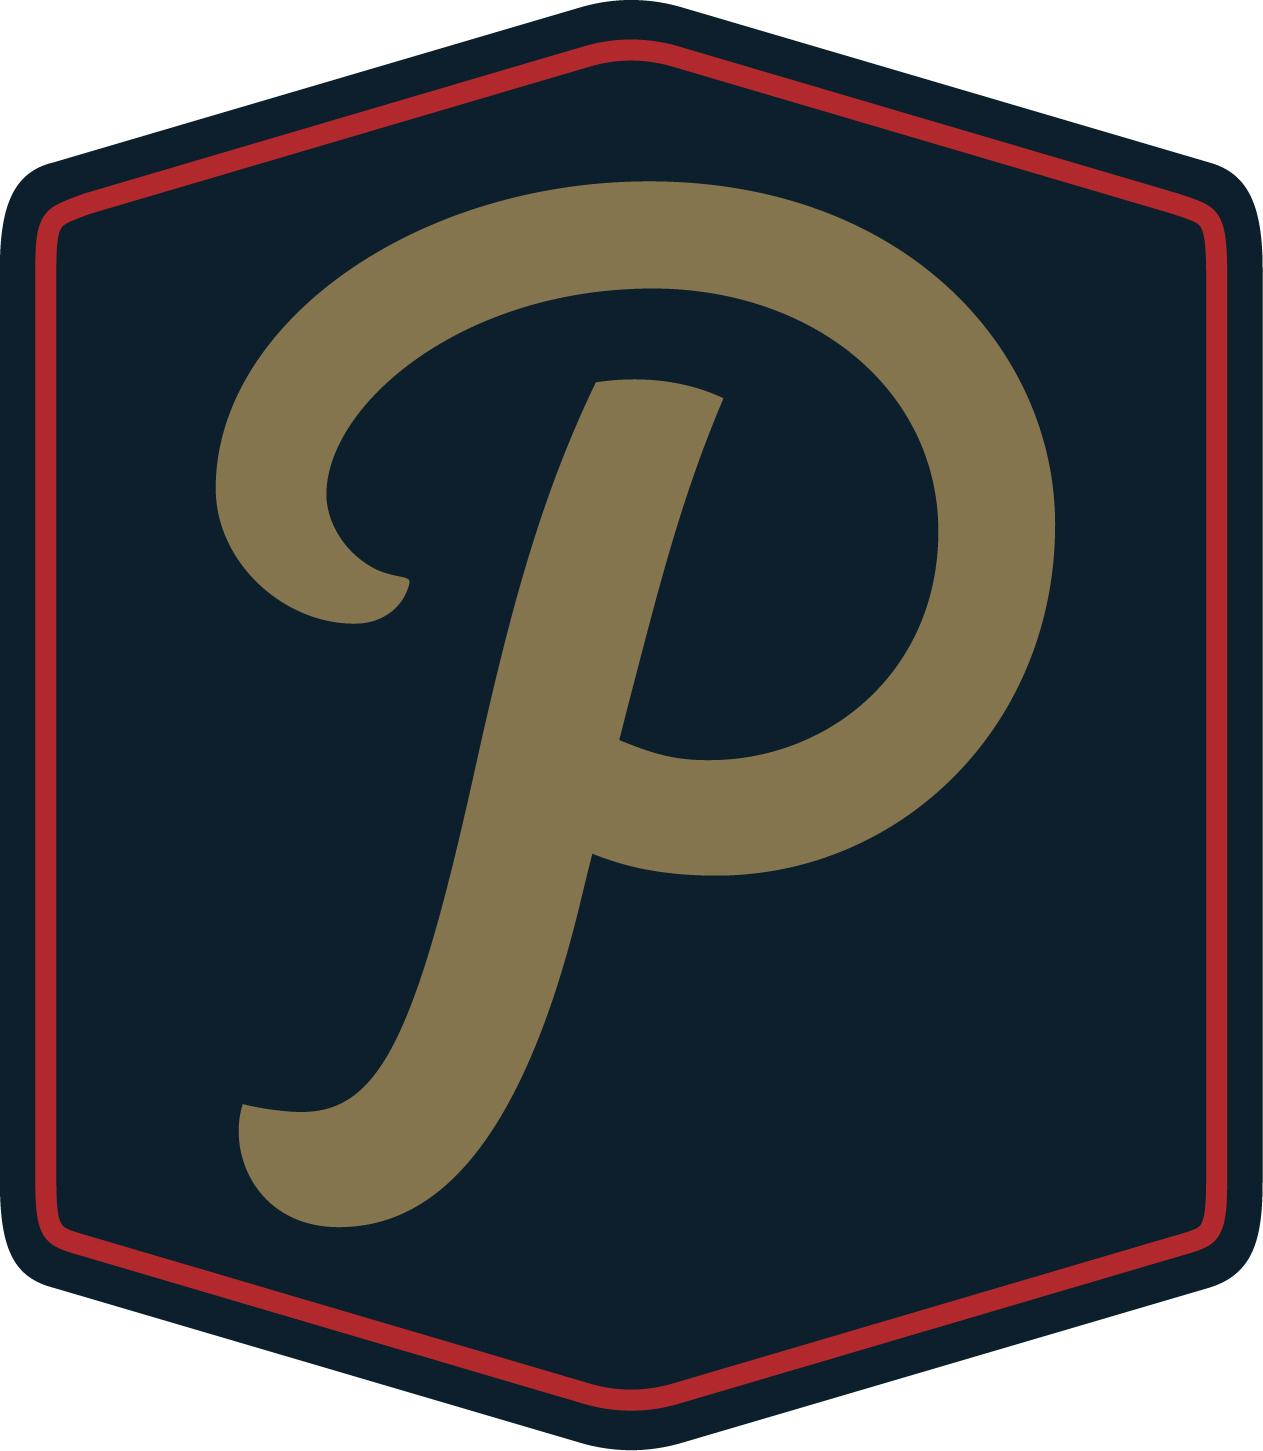 Previte's Marketplace Icon Design